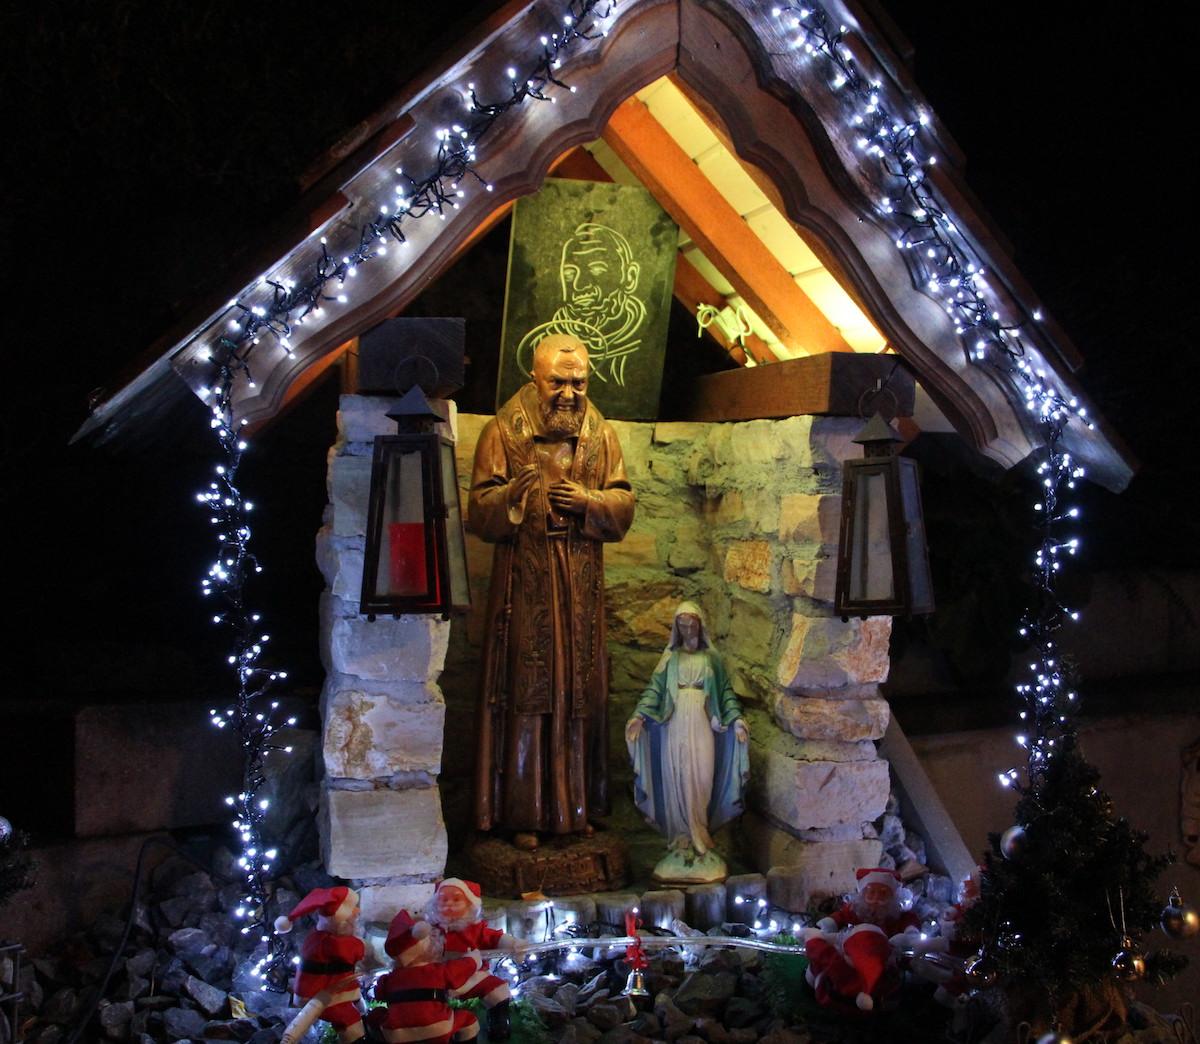 Auch die Padre-Pio-Statue wird erleuchtet.